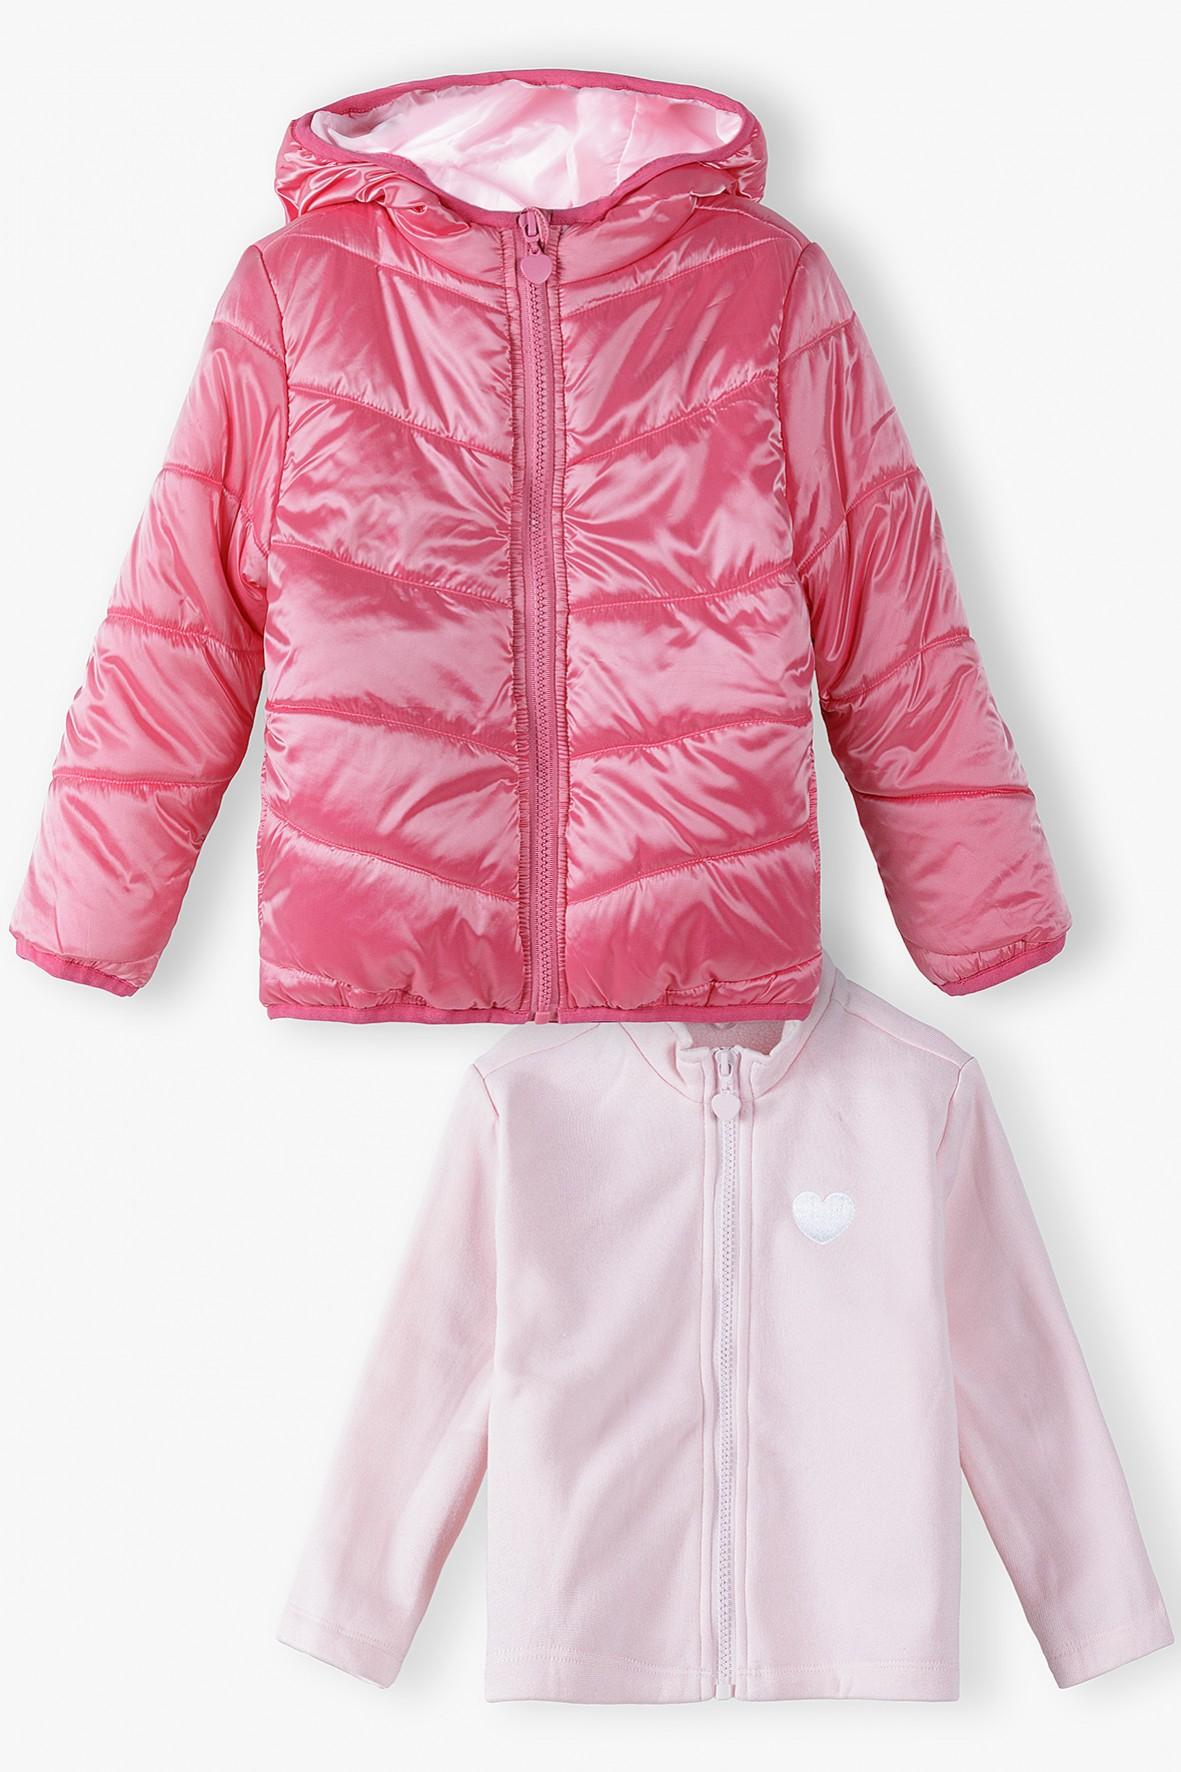 Różowa kurtka dziewczęca z odpinaną bluzą - 3w1